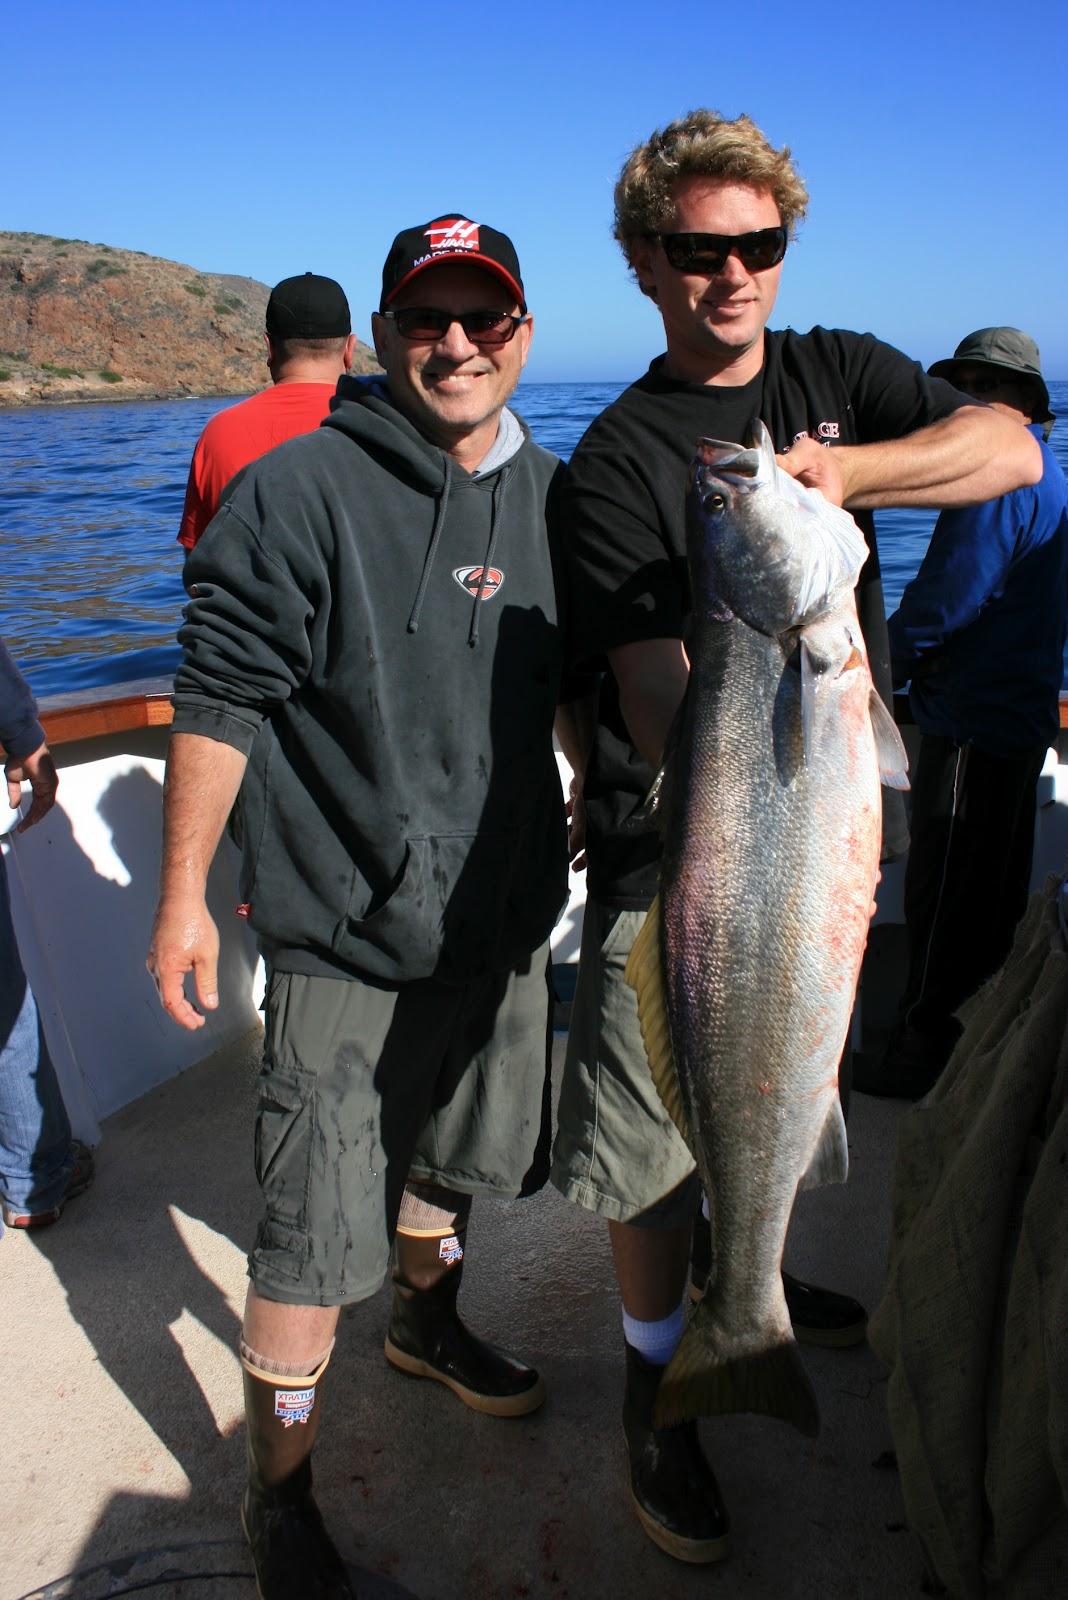 Dan 39 S Journal Mirage Fishing Report Recap For June 27th